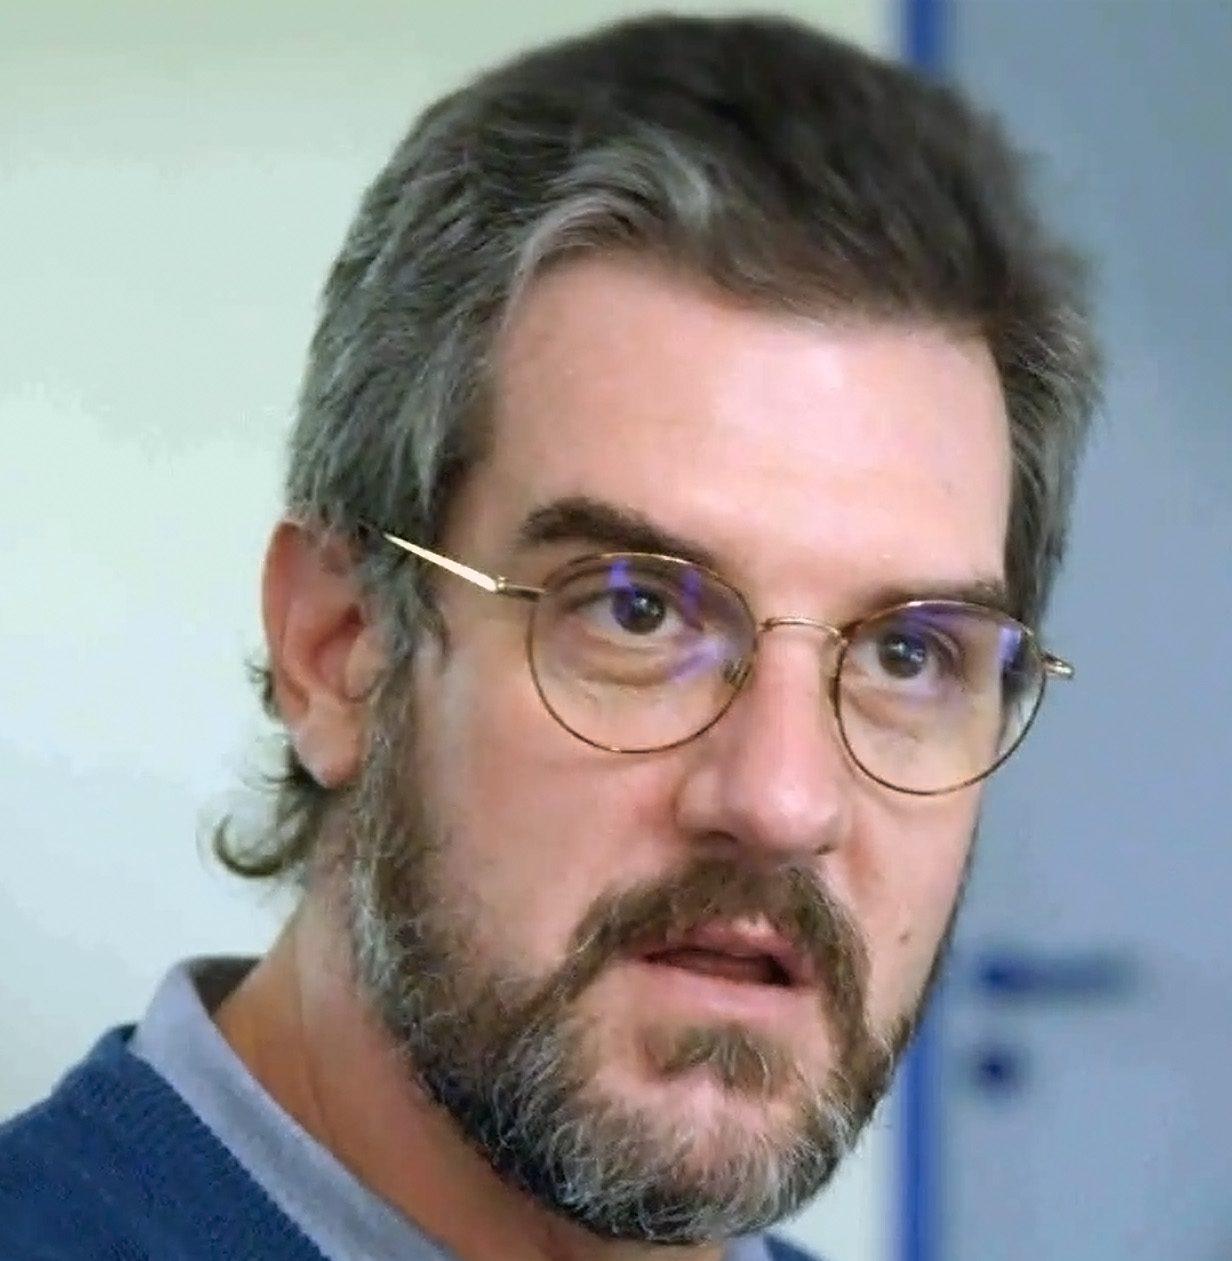 Paul Tafforeau, PhD